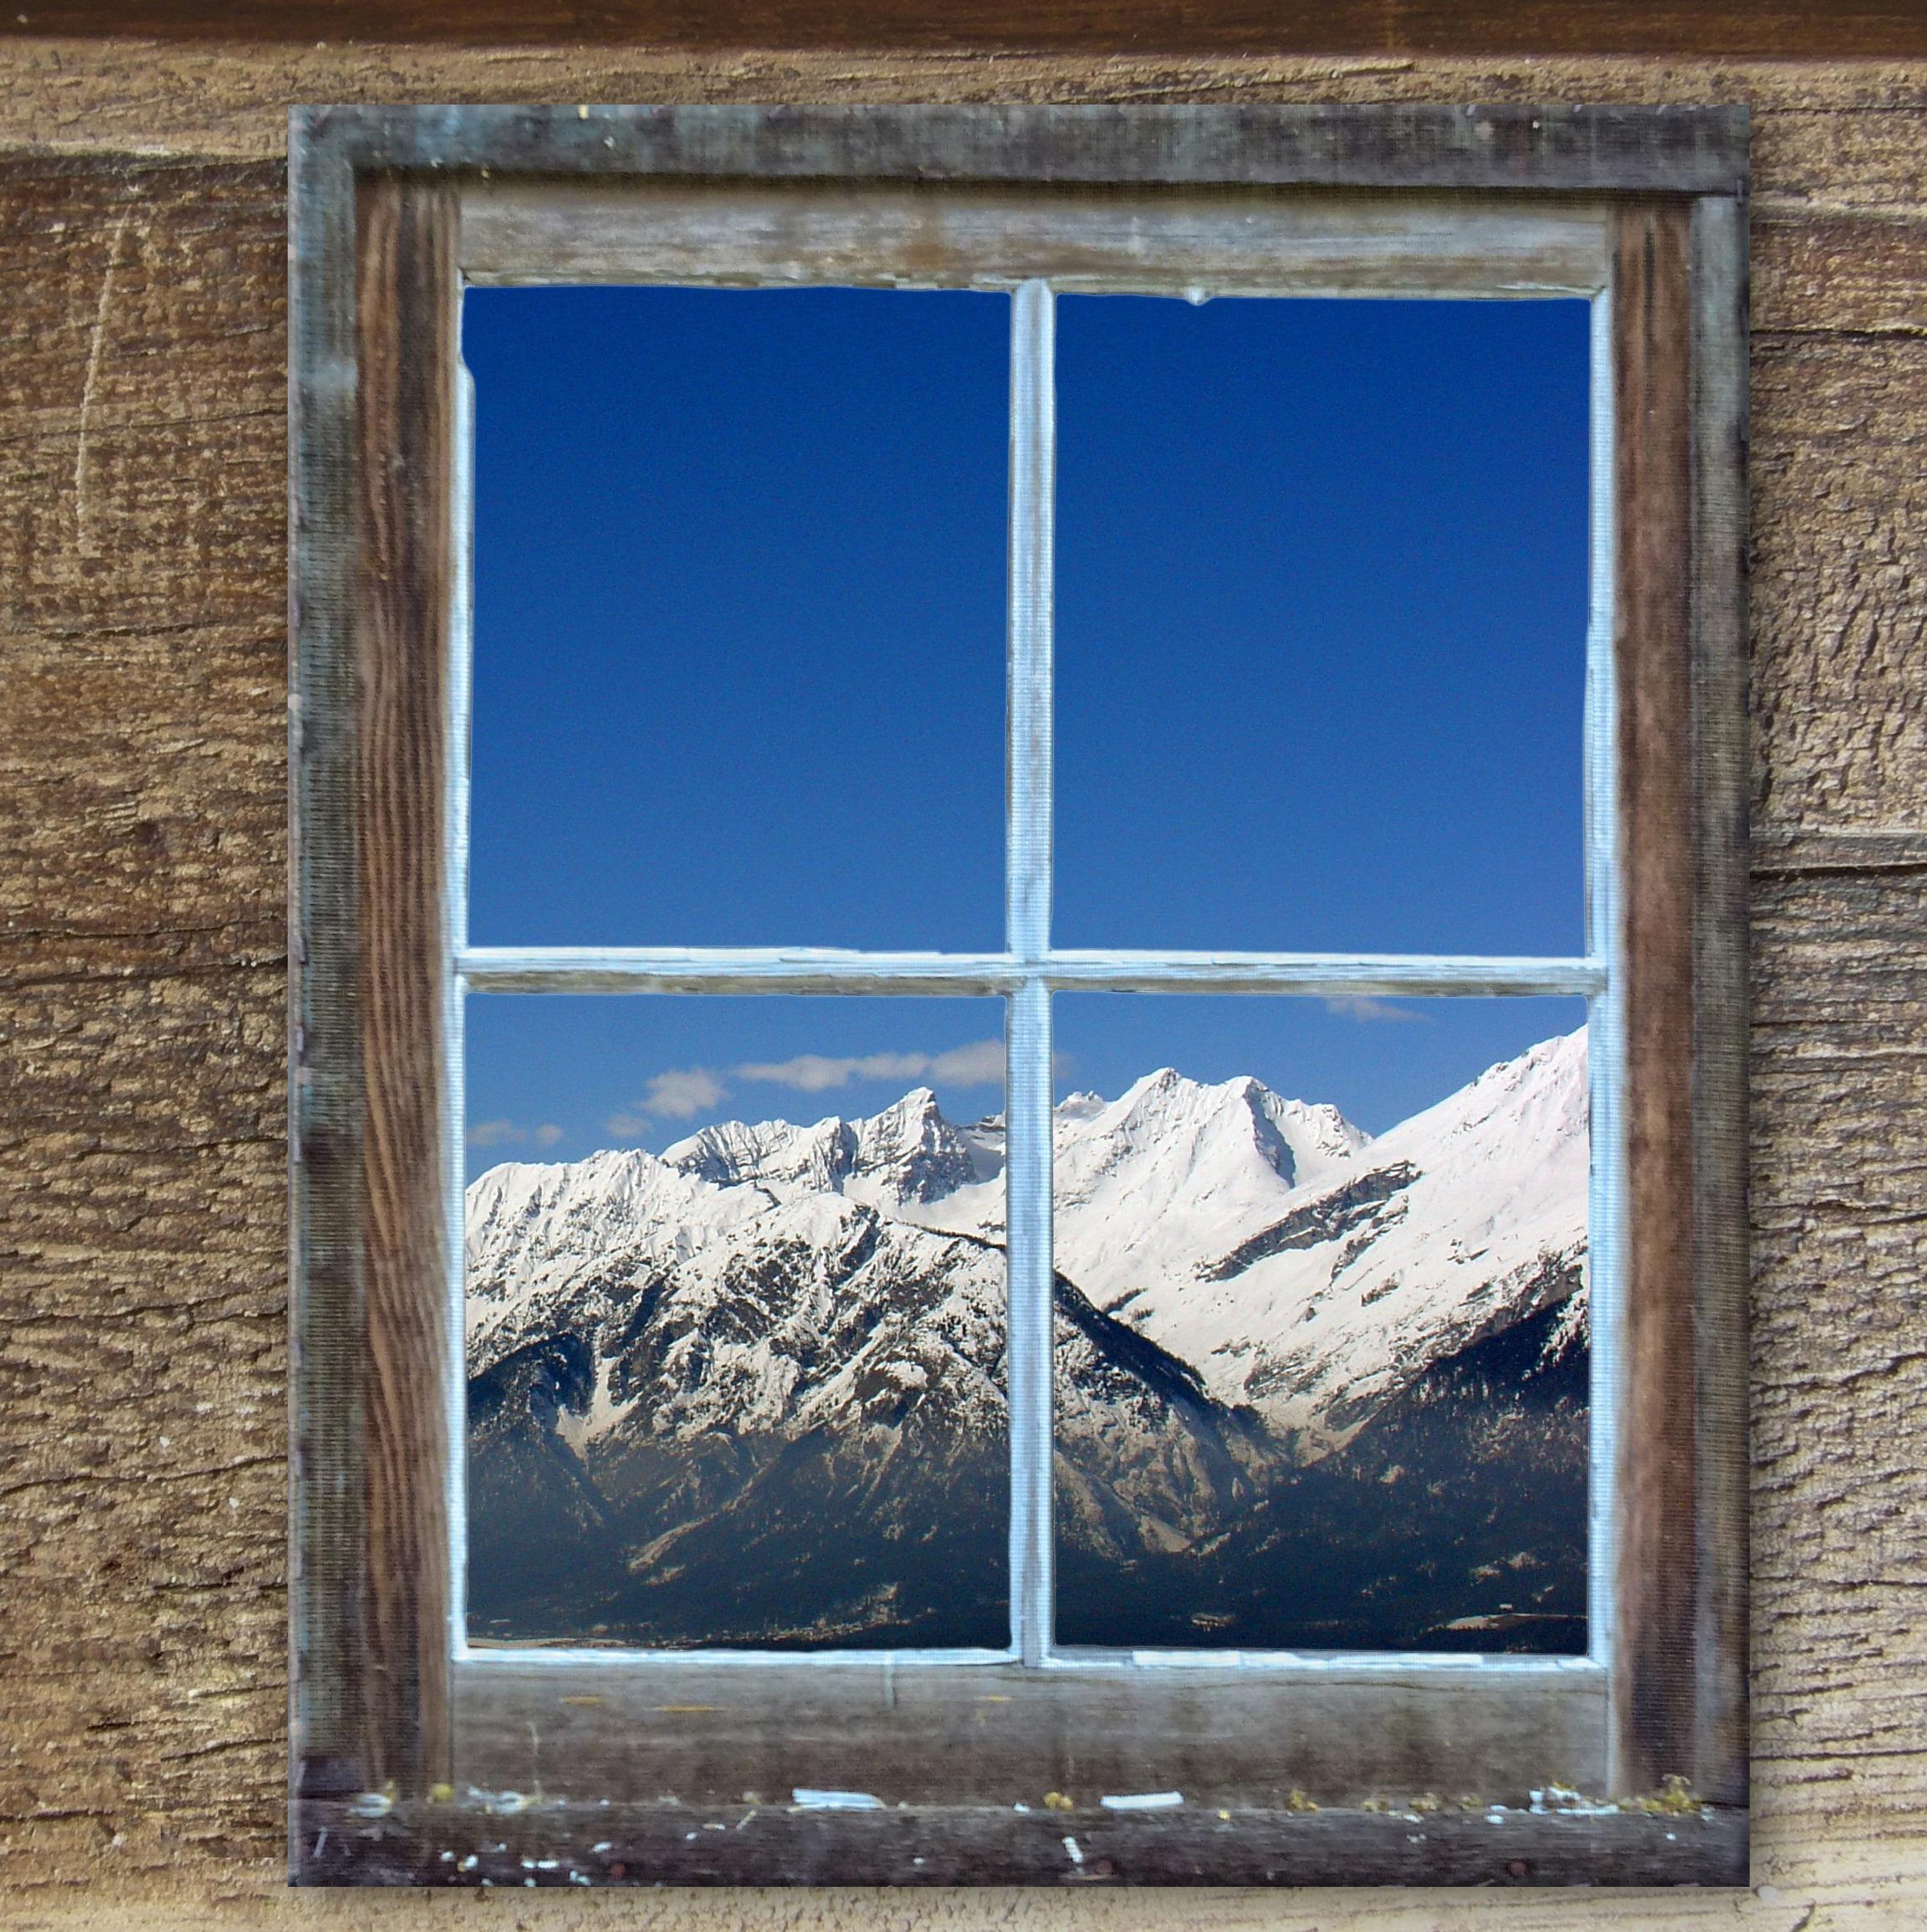 Fotos gratis : paisaje, invierno, madera, antiguo, pared, choza ...